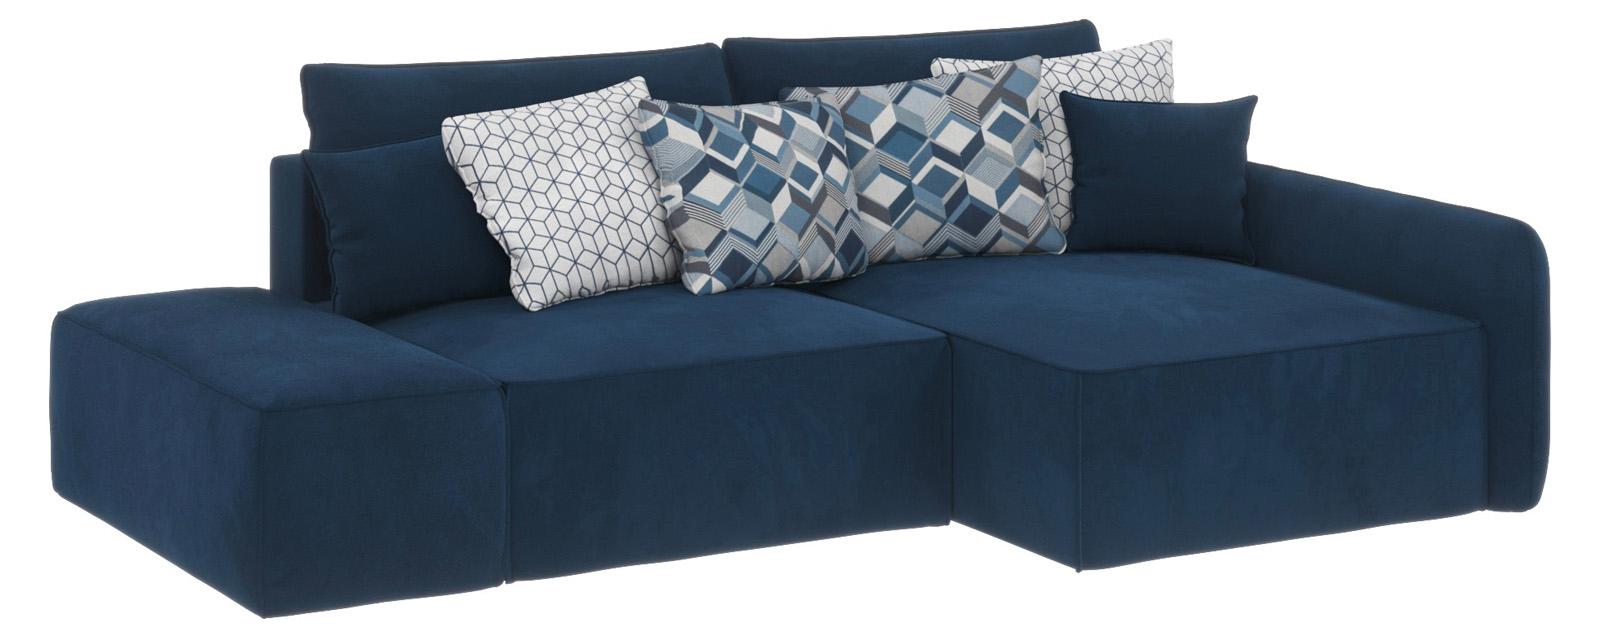 Купить Модульный диван Портленд вариант №3 Soft тёмно-синий (Вел-флок, правый), HomeMe, Тёмно-синий